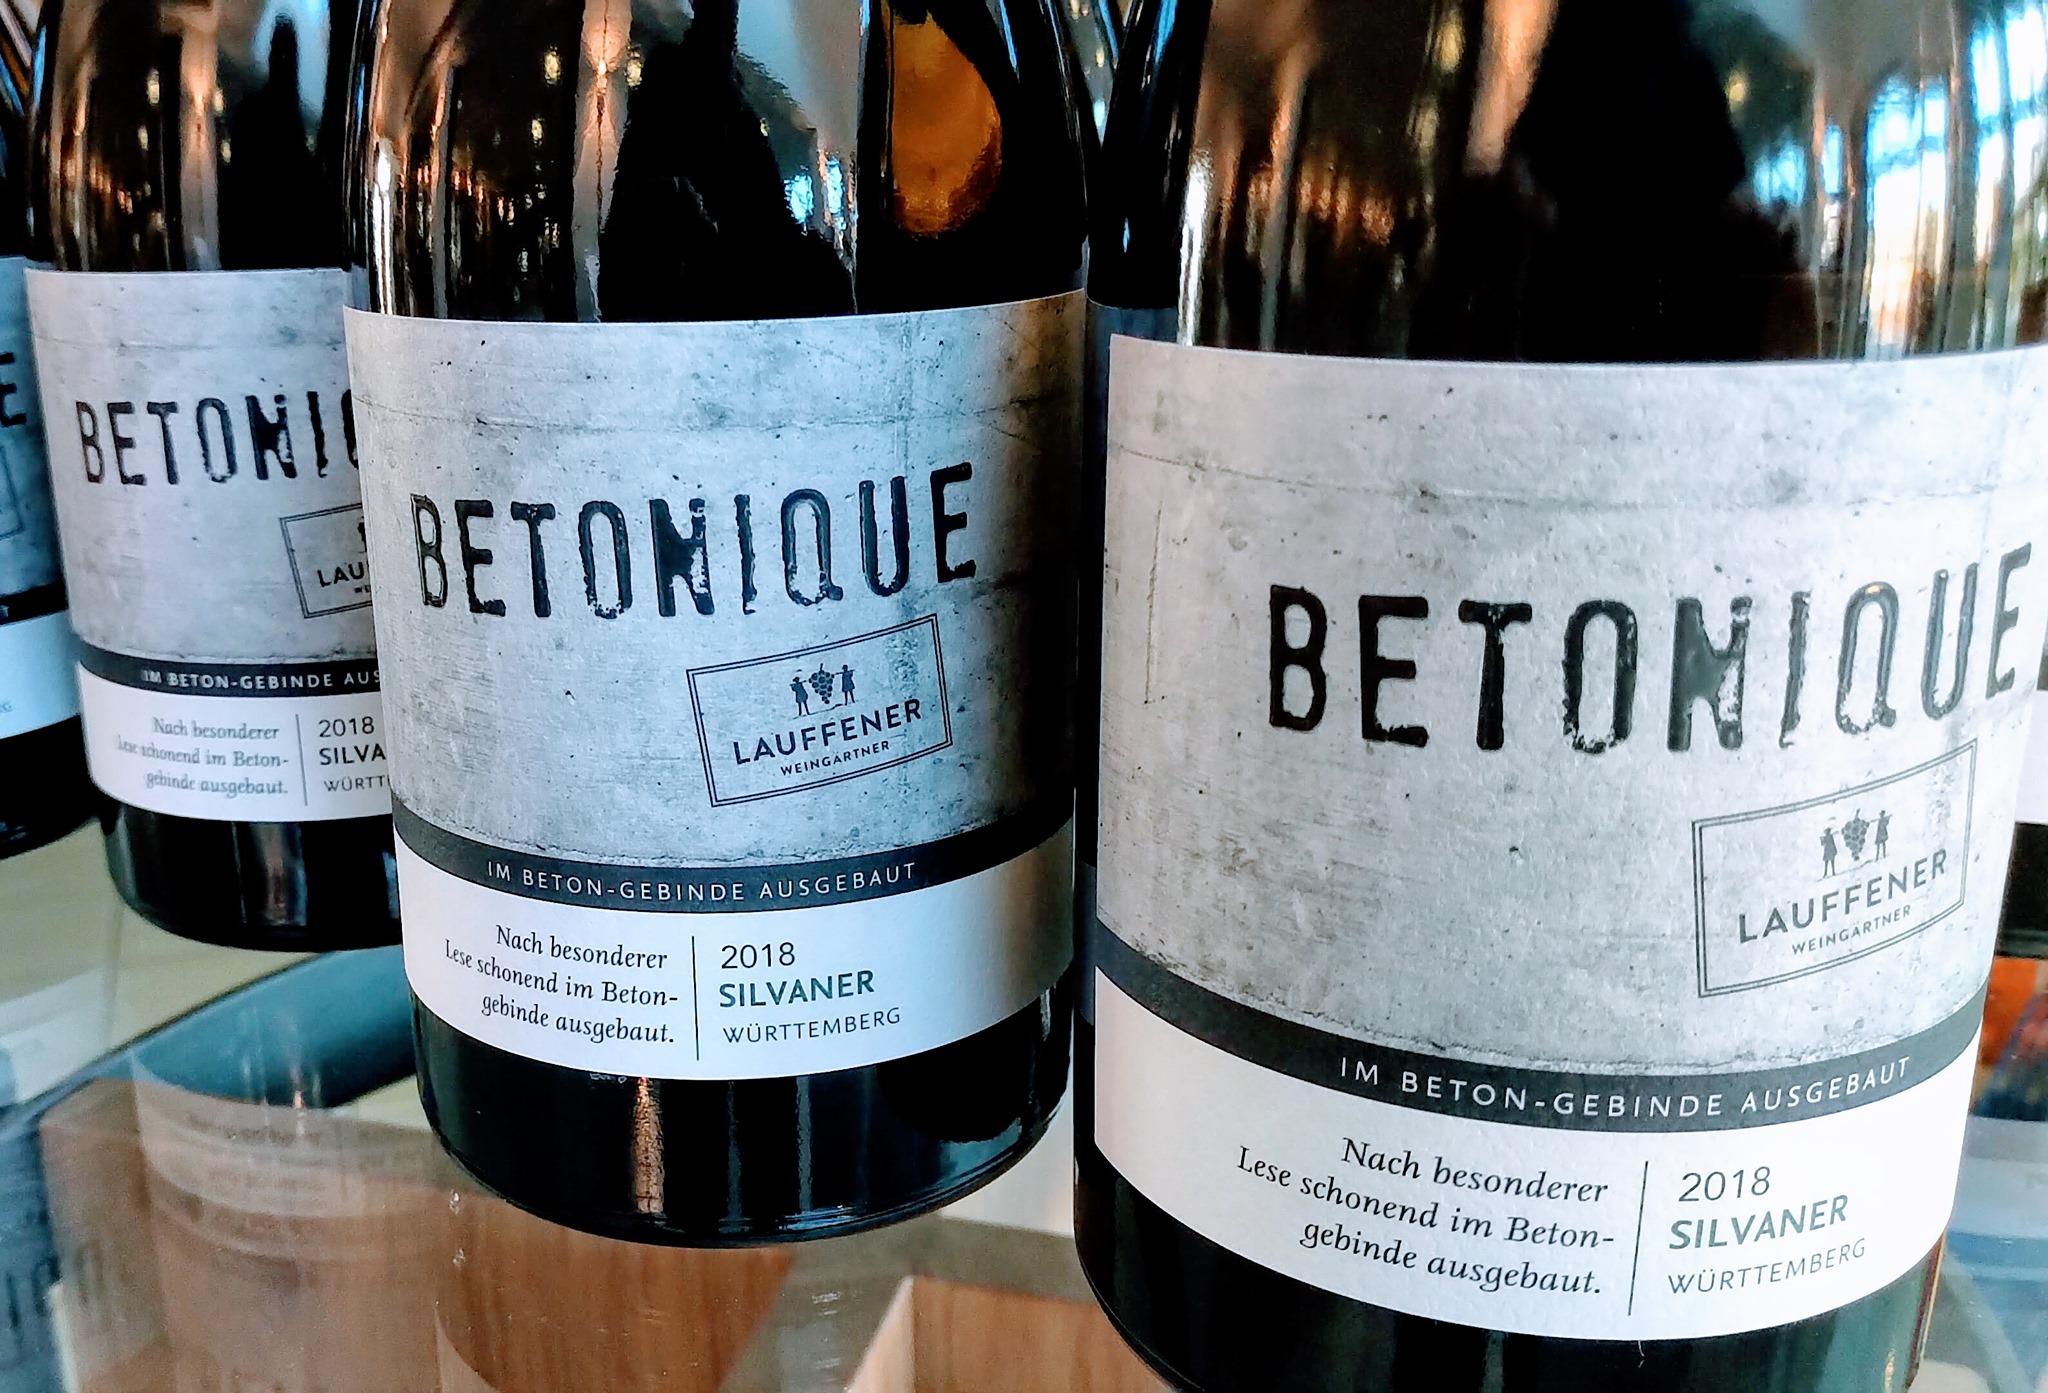 Betonique Silvaner trocken der Lauffener Weingärtner